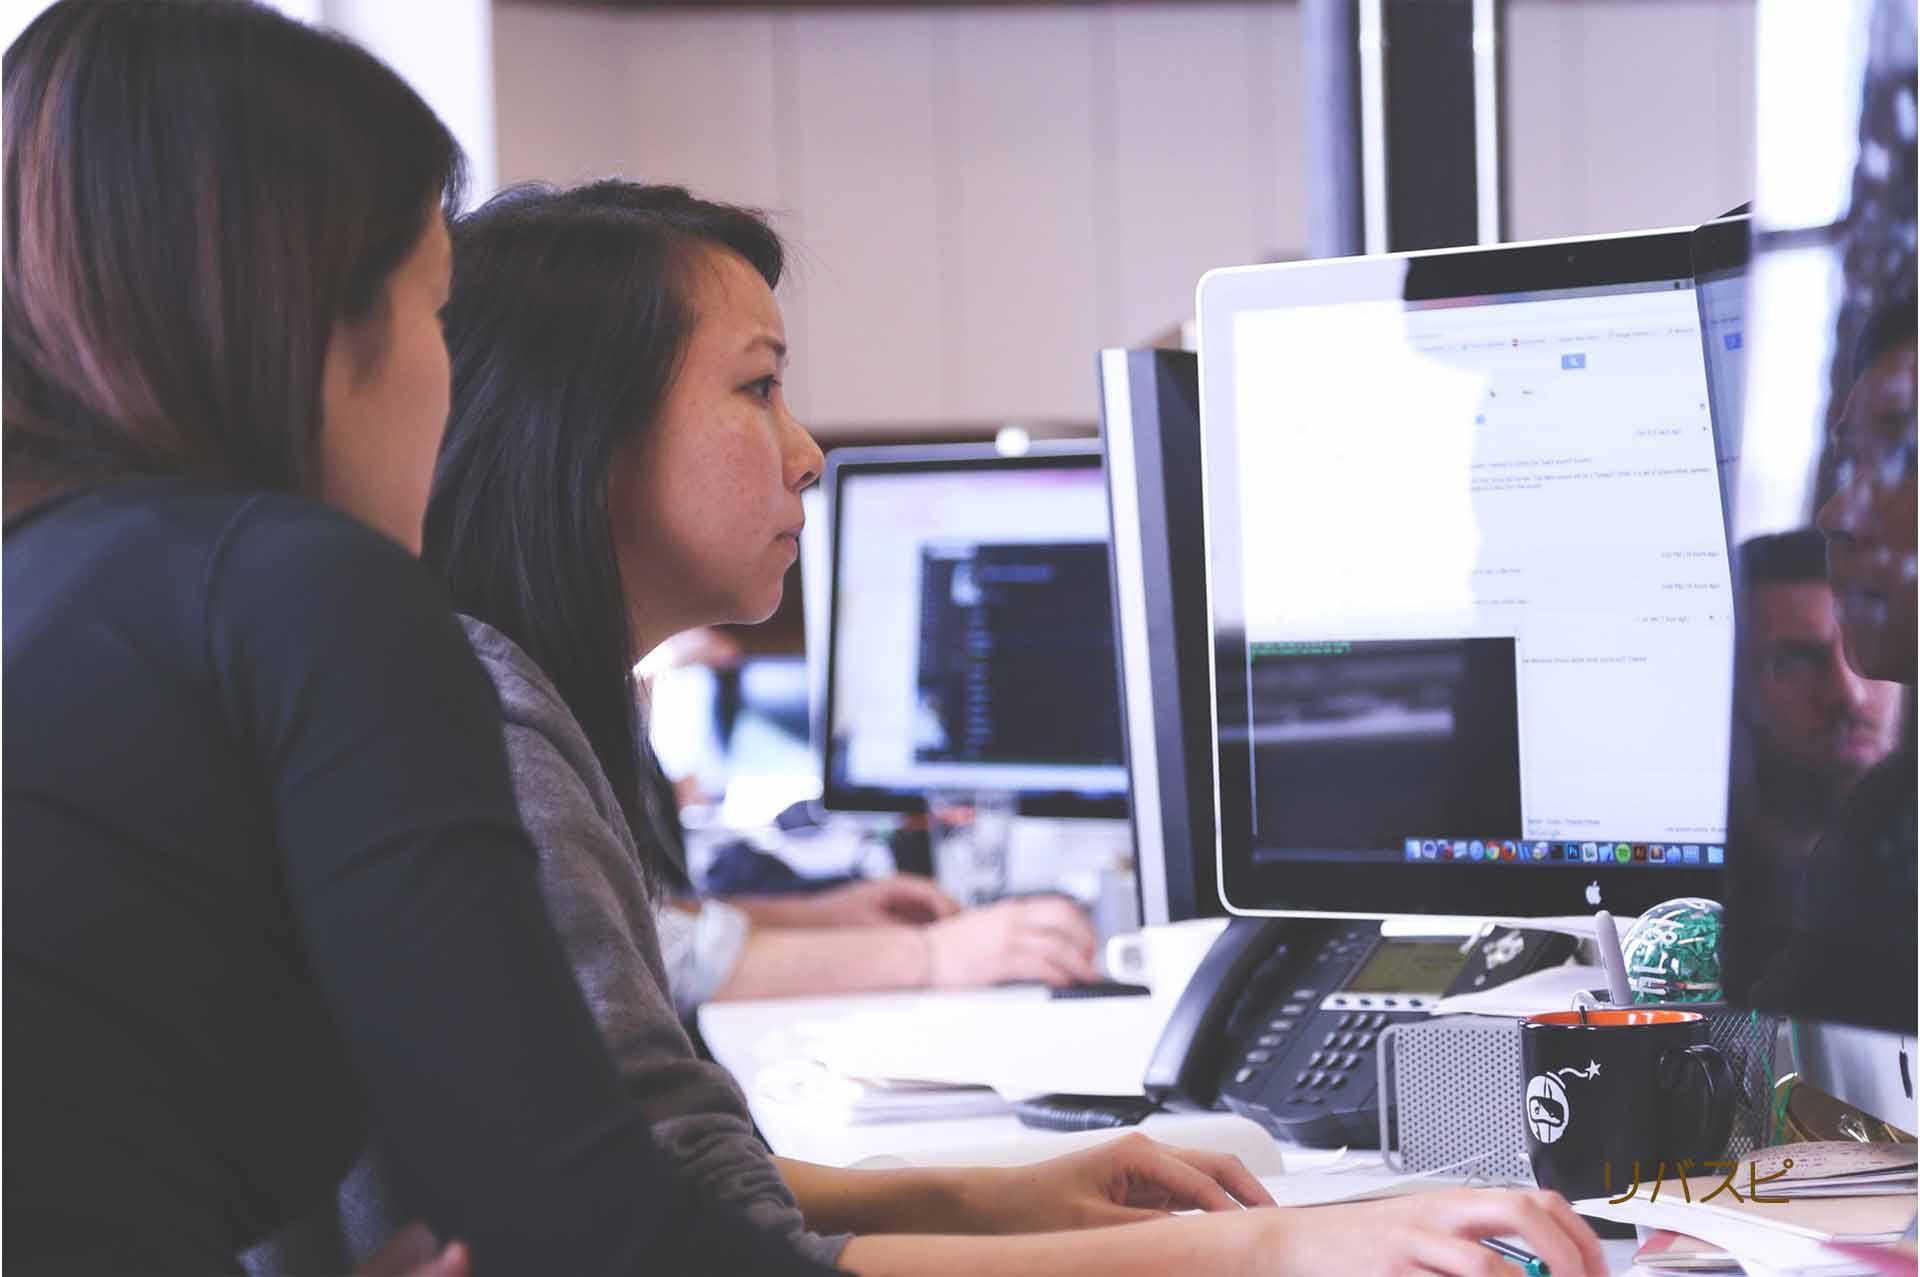 大丈夫じゃないのに大丈夫と言ってしまい表情に余裕がなくパソコンに向かう女性